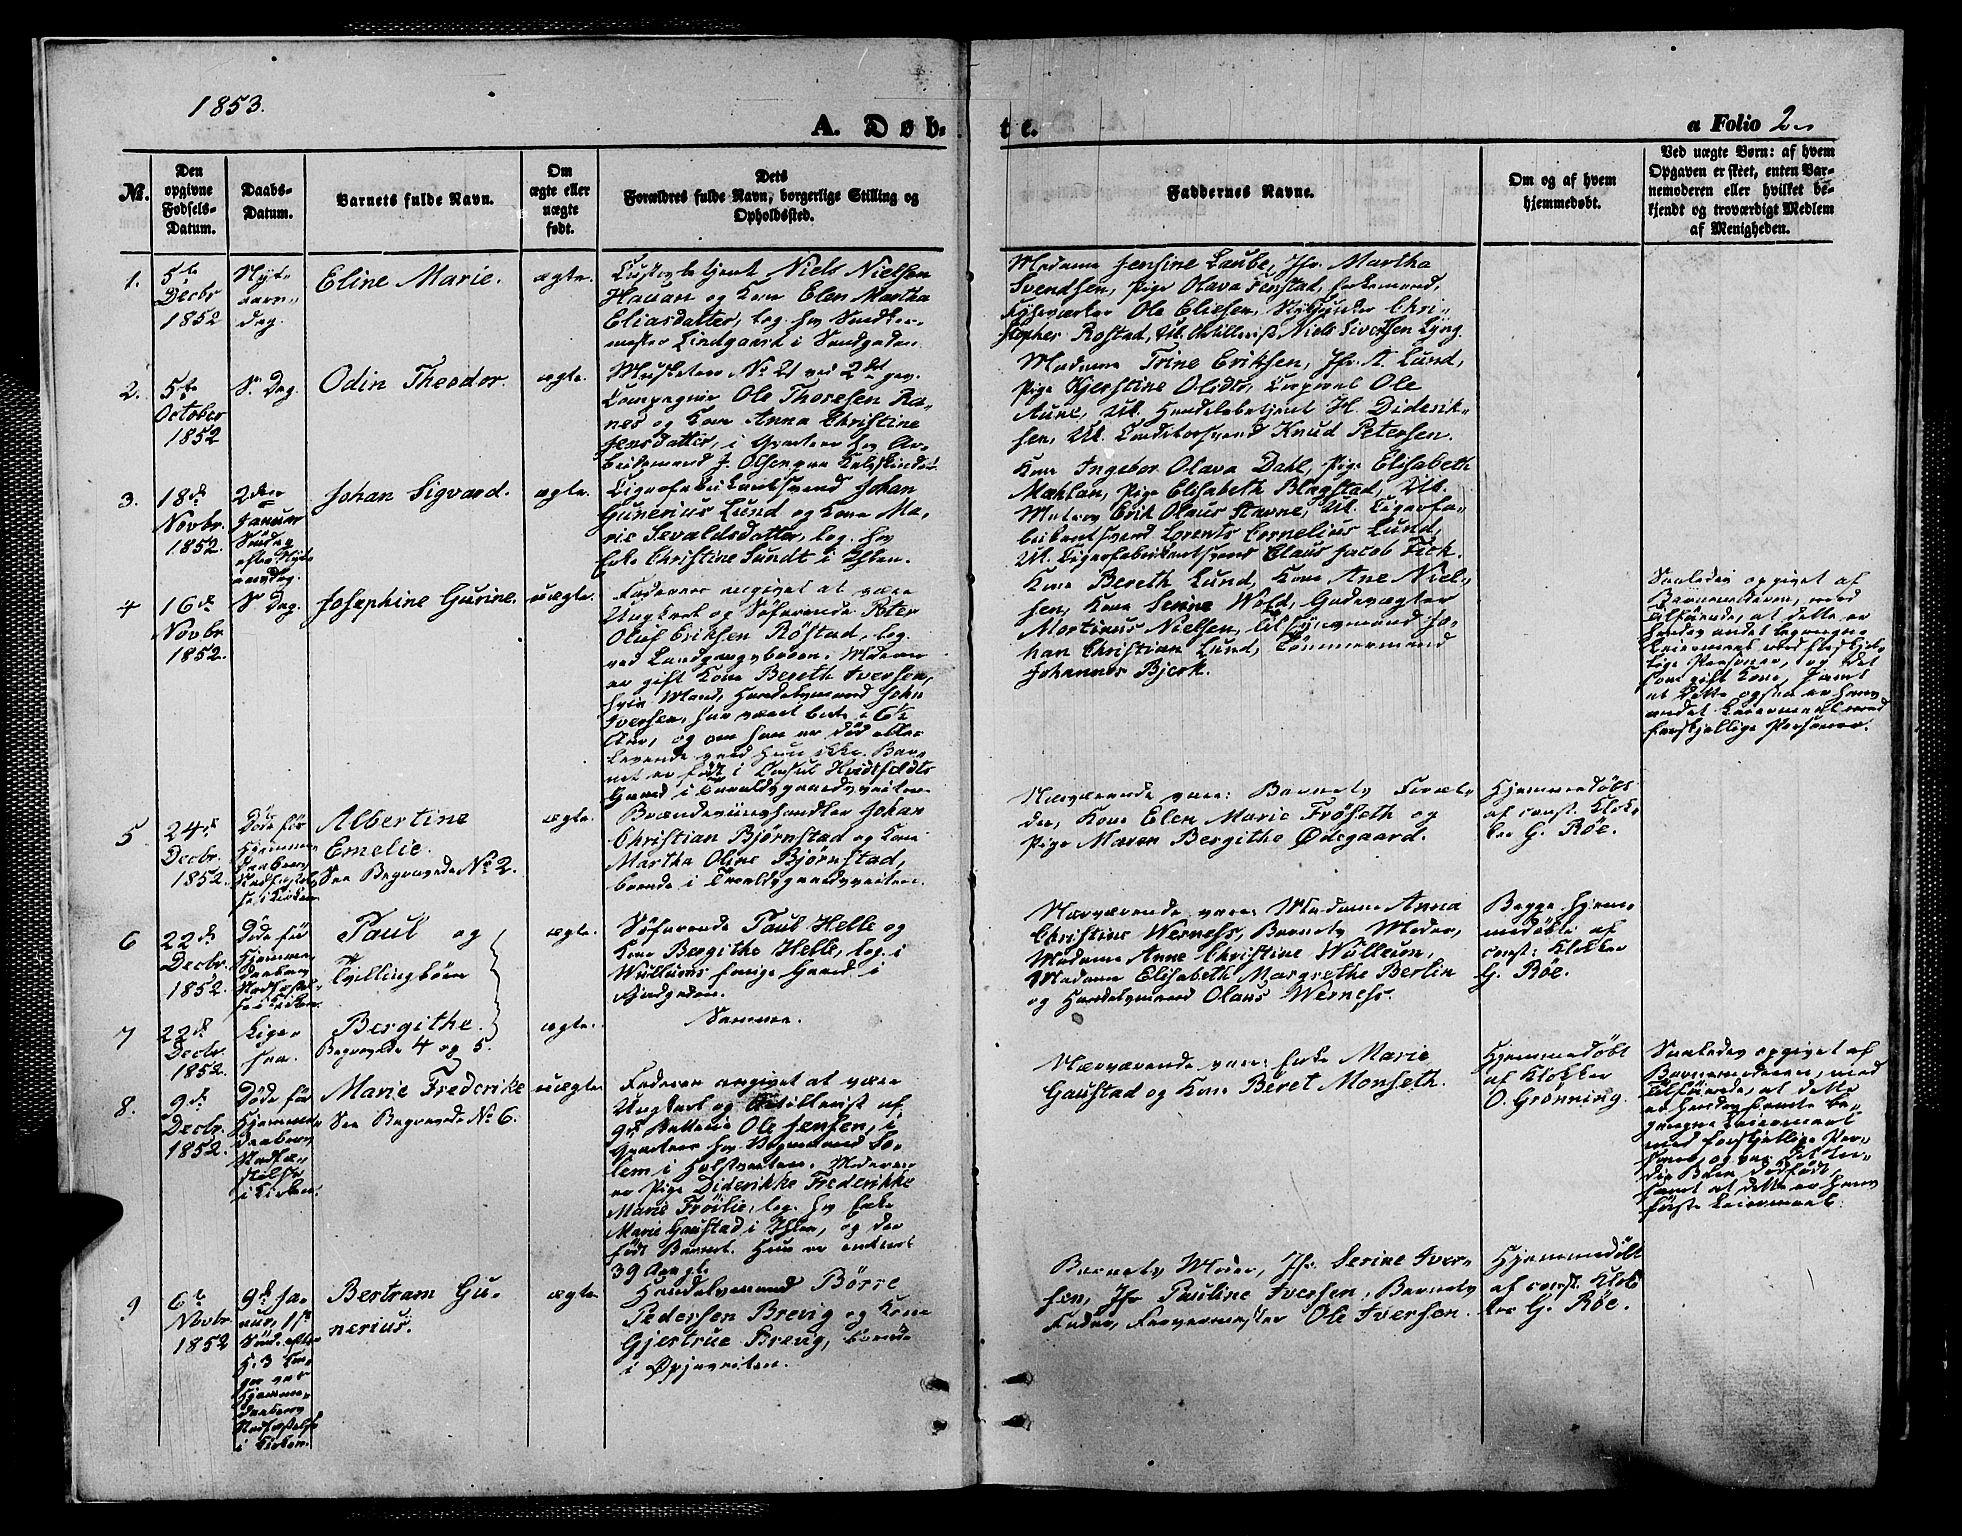 SAT, Ministerialprotokoller, klokkerbøker og fødselsregistre - Sør-Trøndelag, 602/L0138: Klokkerbok nr. 602C06, 1853-1858, s. 2